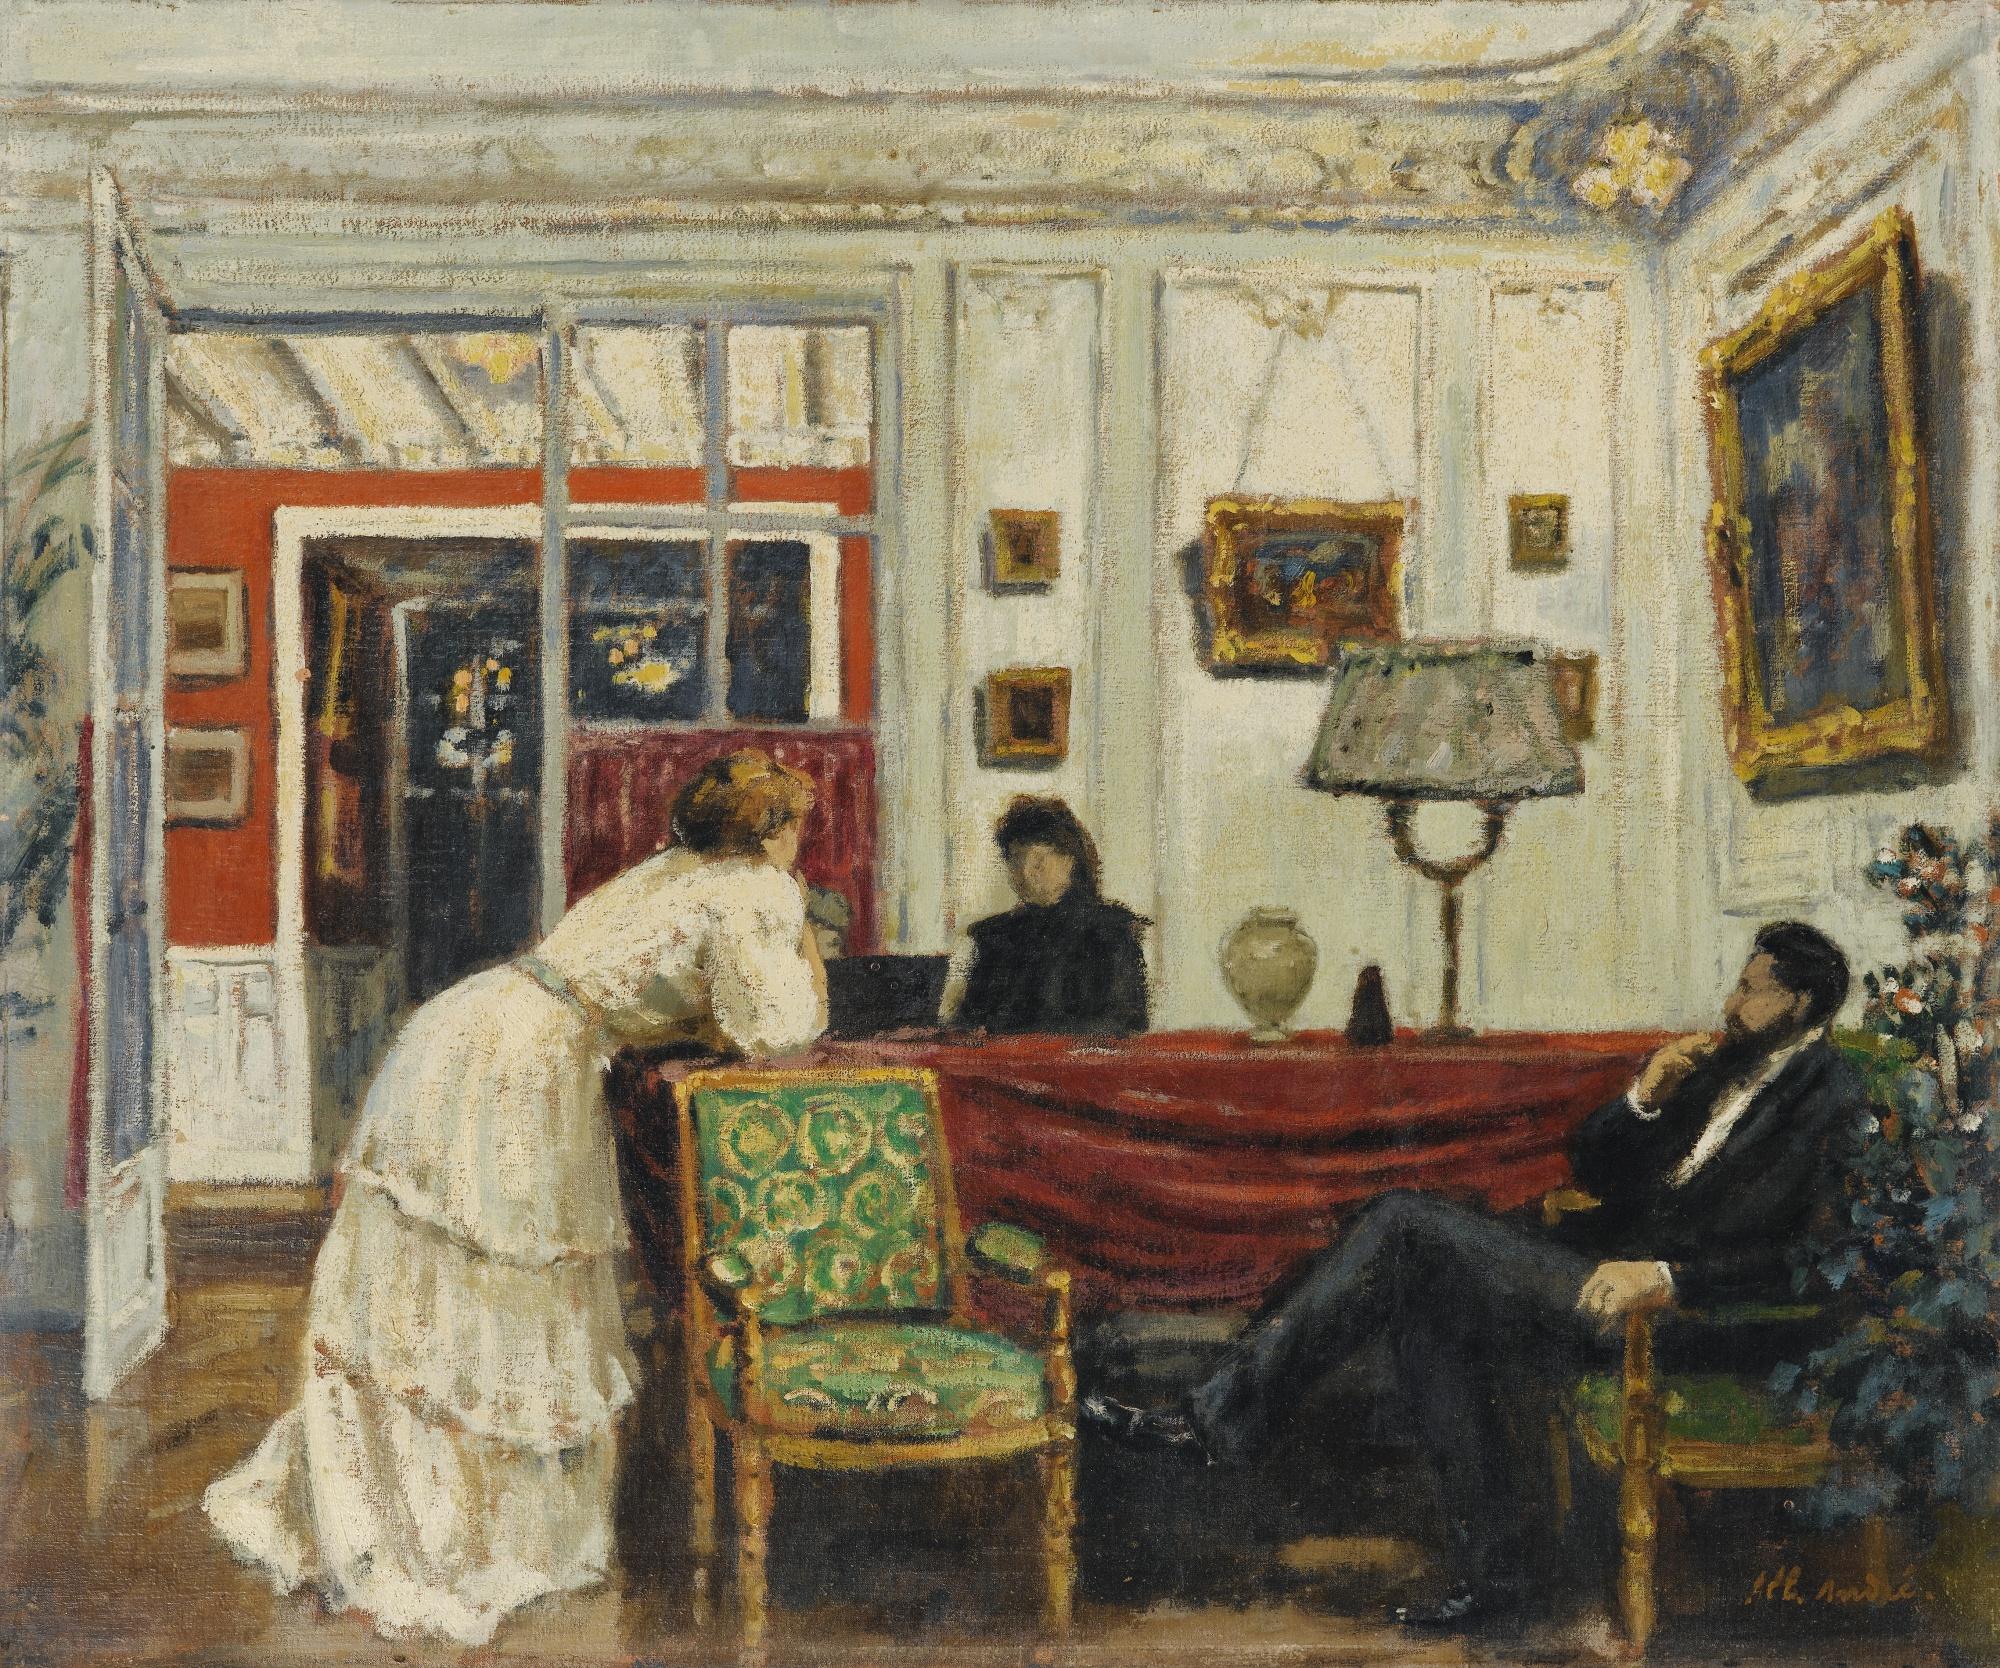 Albert Andre-La Visite-1899